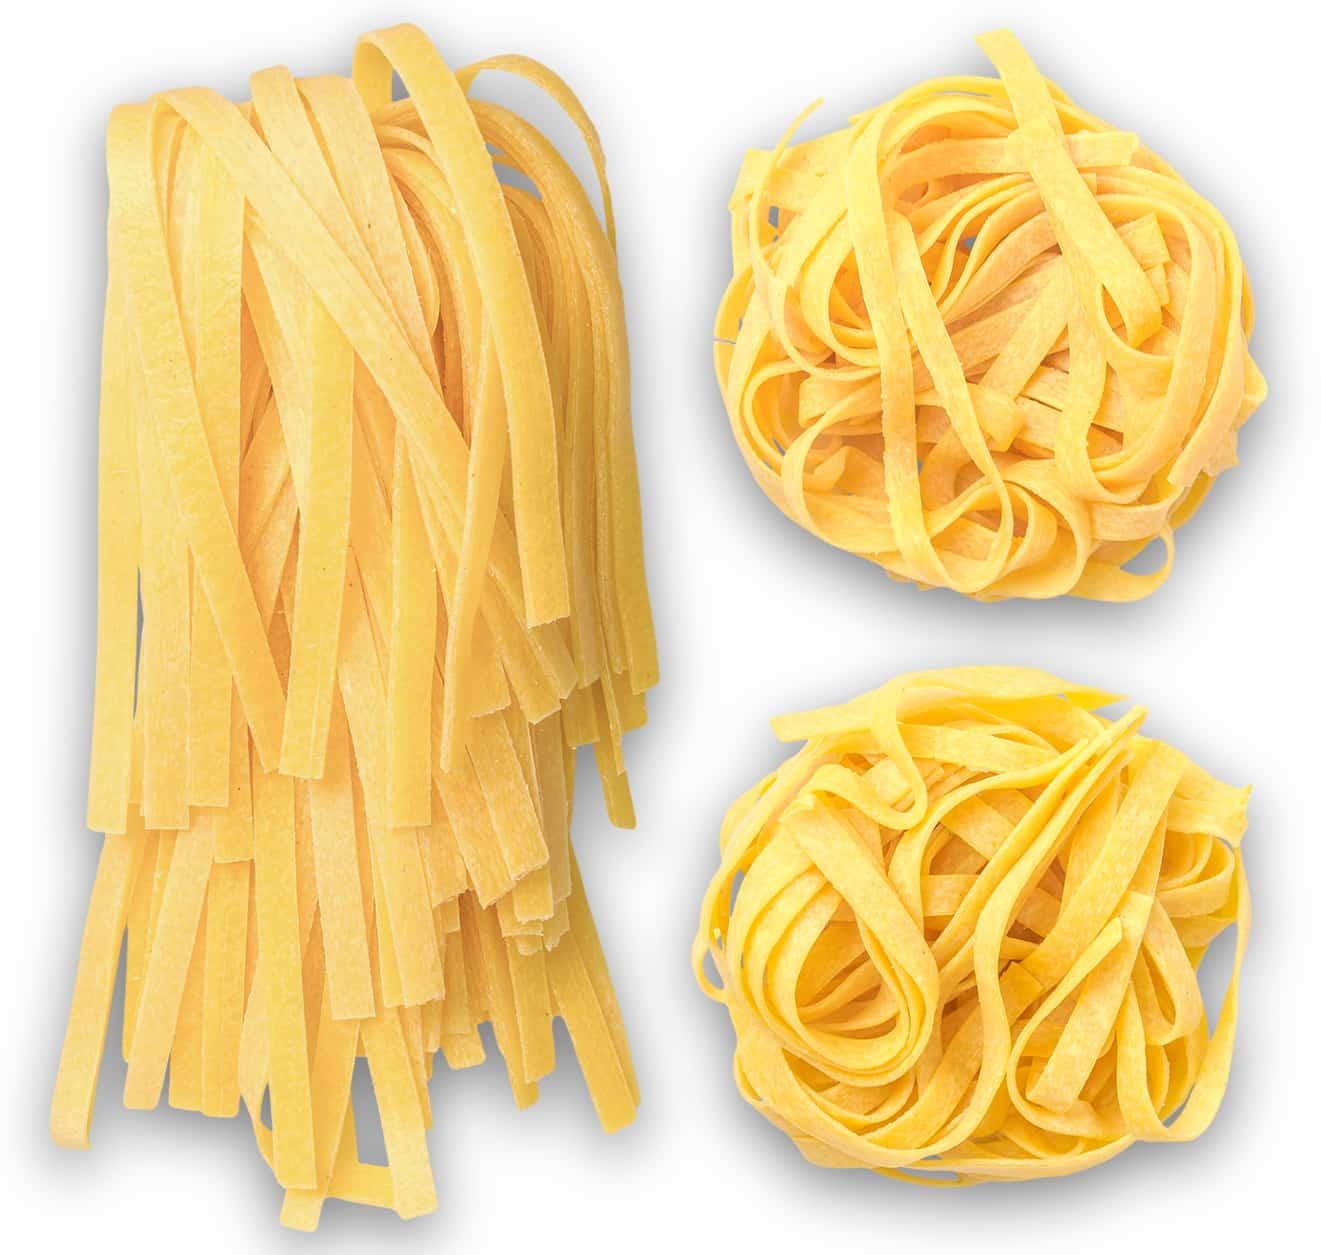 image of egg noodles